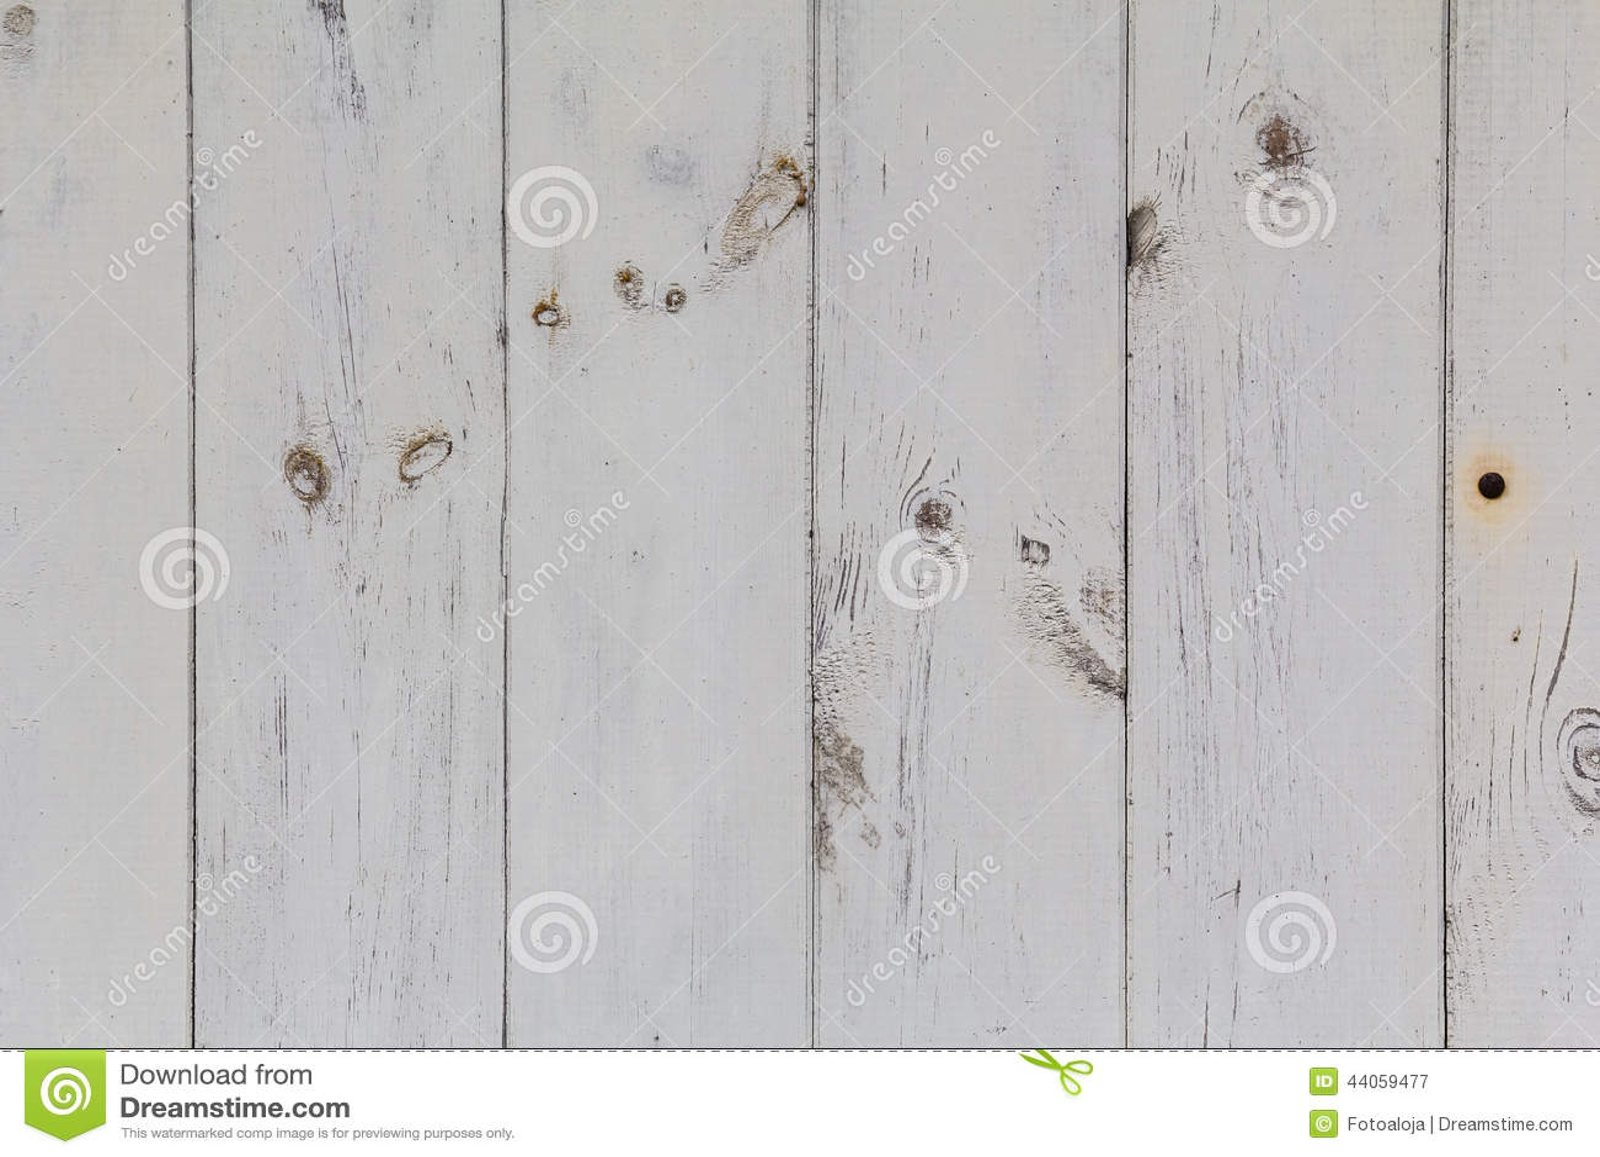 Witte Planken Aan De Muur.Houten Planken Keuken Muur Houten Muur Planken Good De Cm Die Een